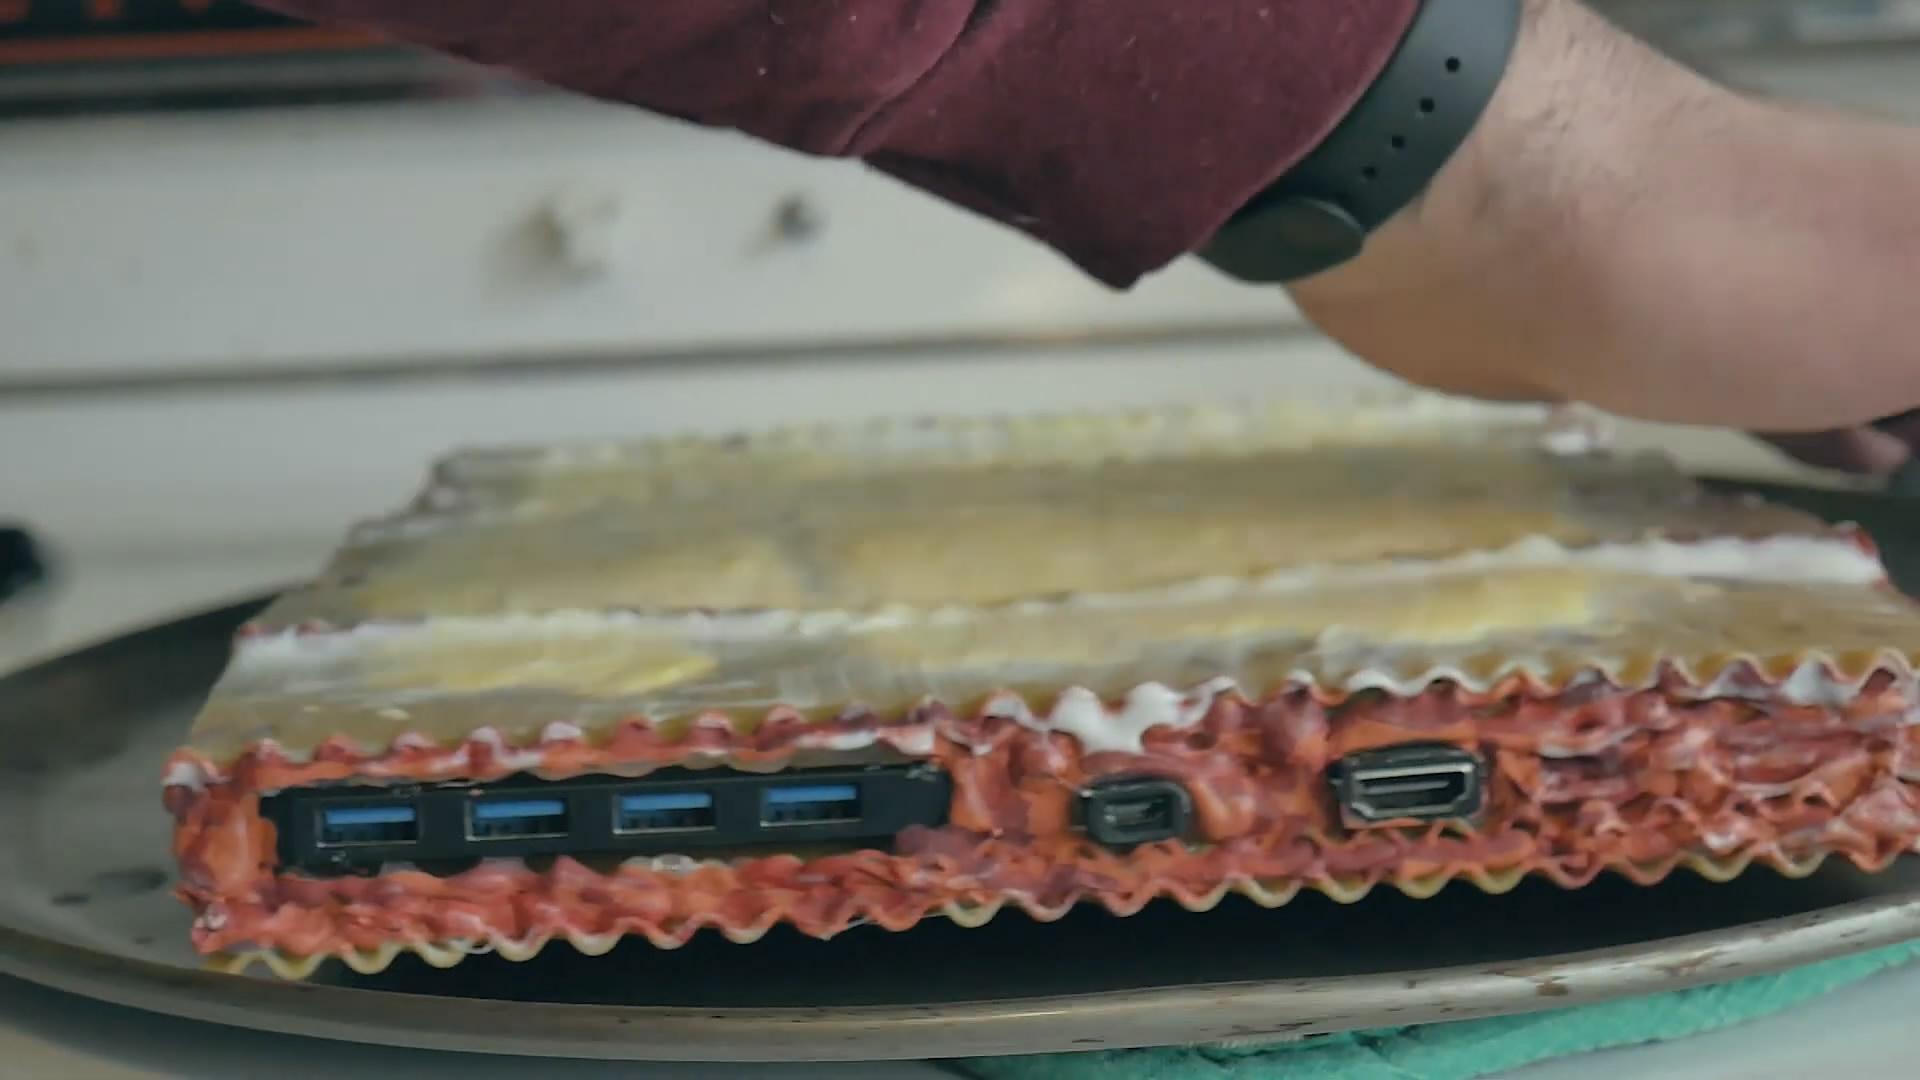 國外玩家自制美食版PC主機 吃貨的腦洞實在太大了